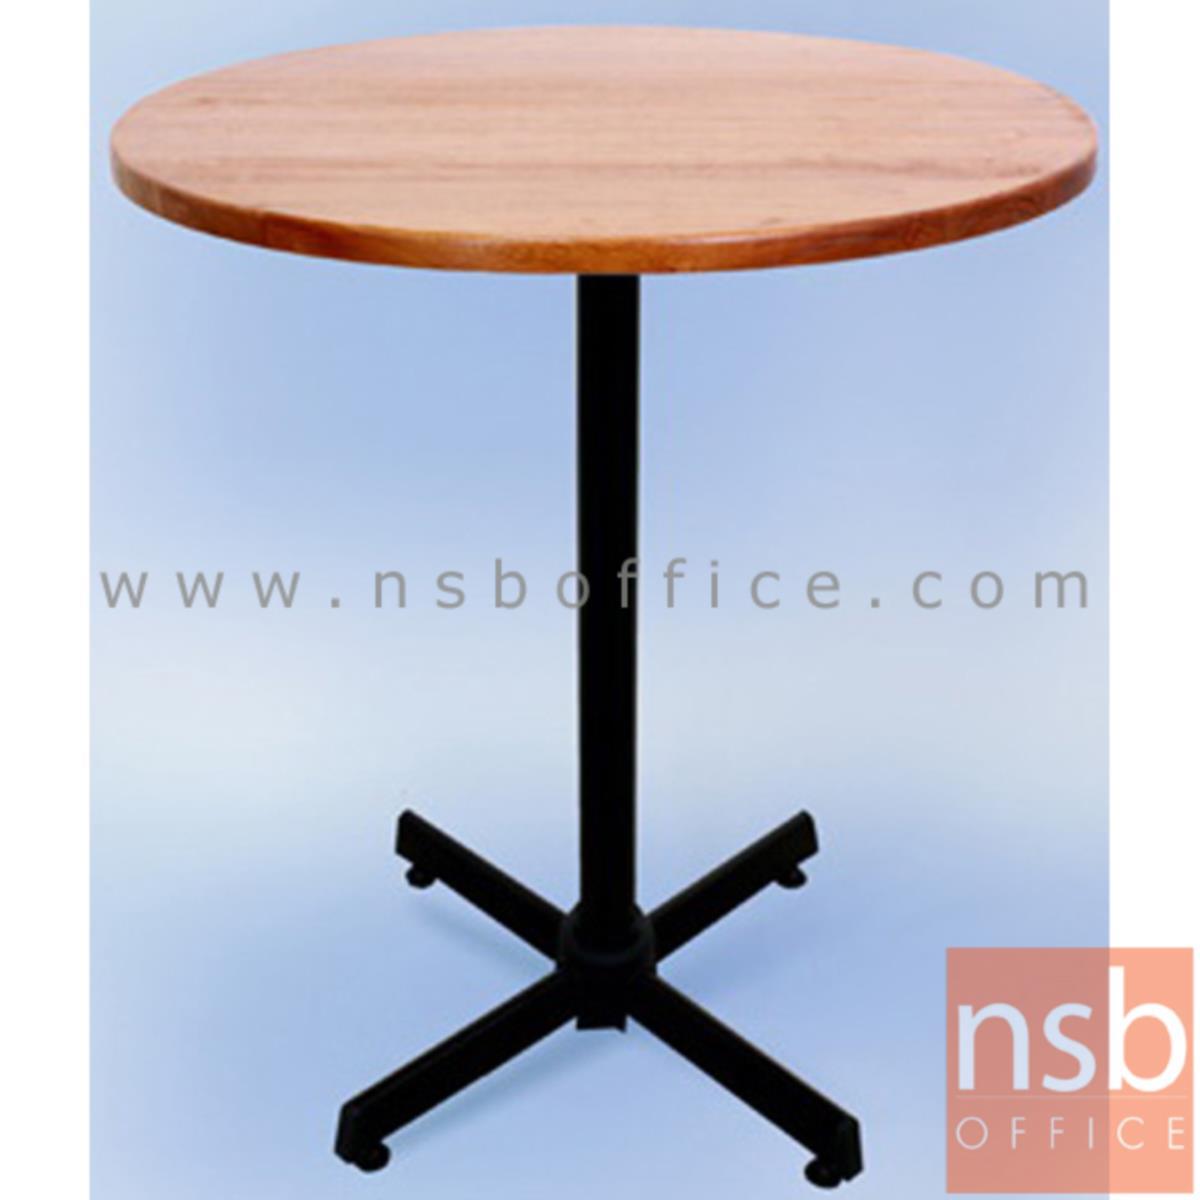 โต๊ะไม้ยางพารา รุ่น Glacier (เกลเชอร์) ขนาด 60Di ,75Di cm. ขาเหล็ก